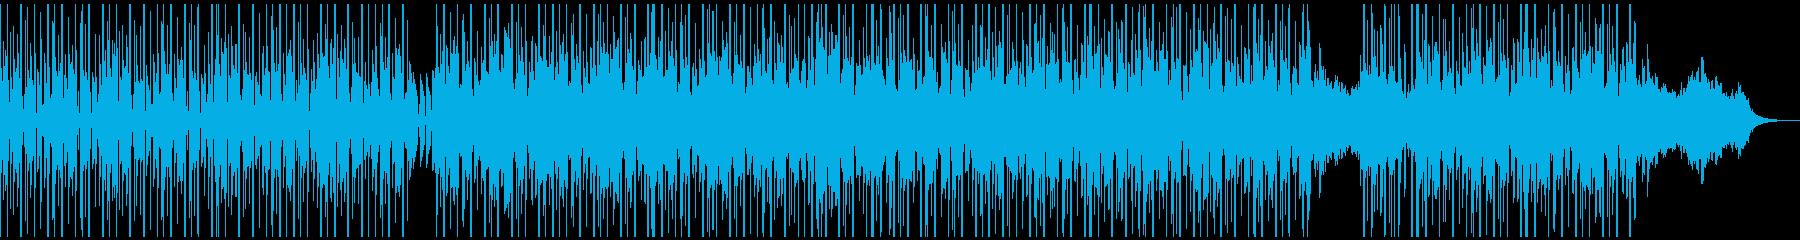 シンセとピアノを使ったクールなBGMの再生済みの波形